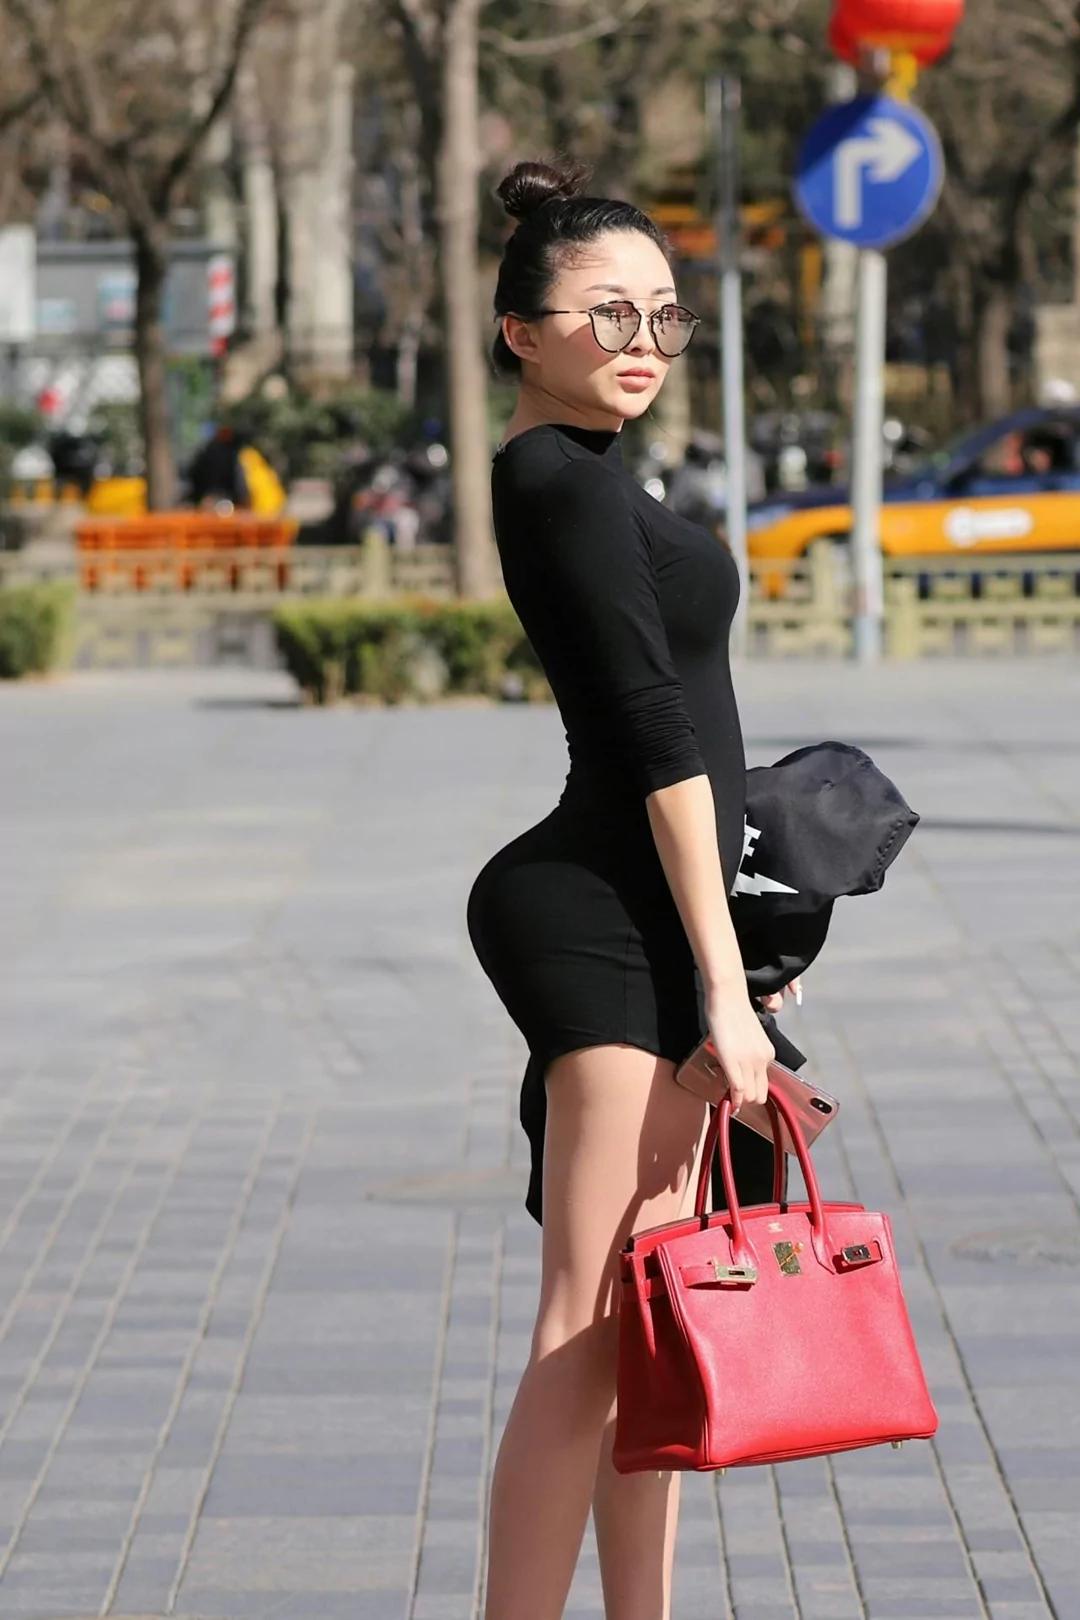 亚洲丰满少妇论坛_街拍:圆润丰满的美少妇,身材前凸后翘,性感到不敢直视